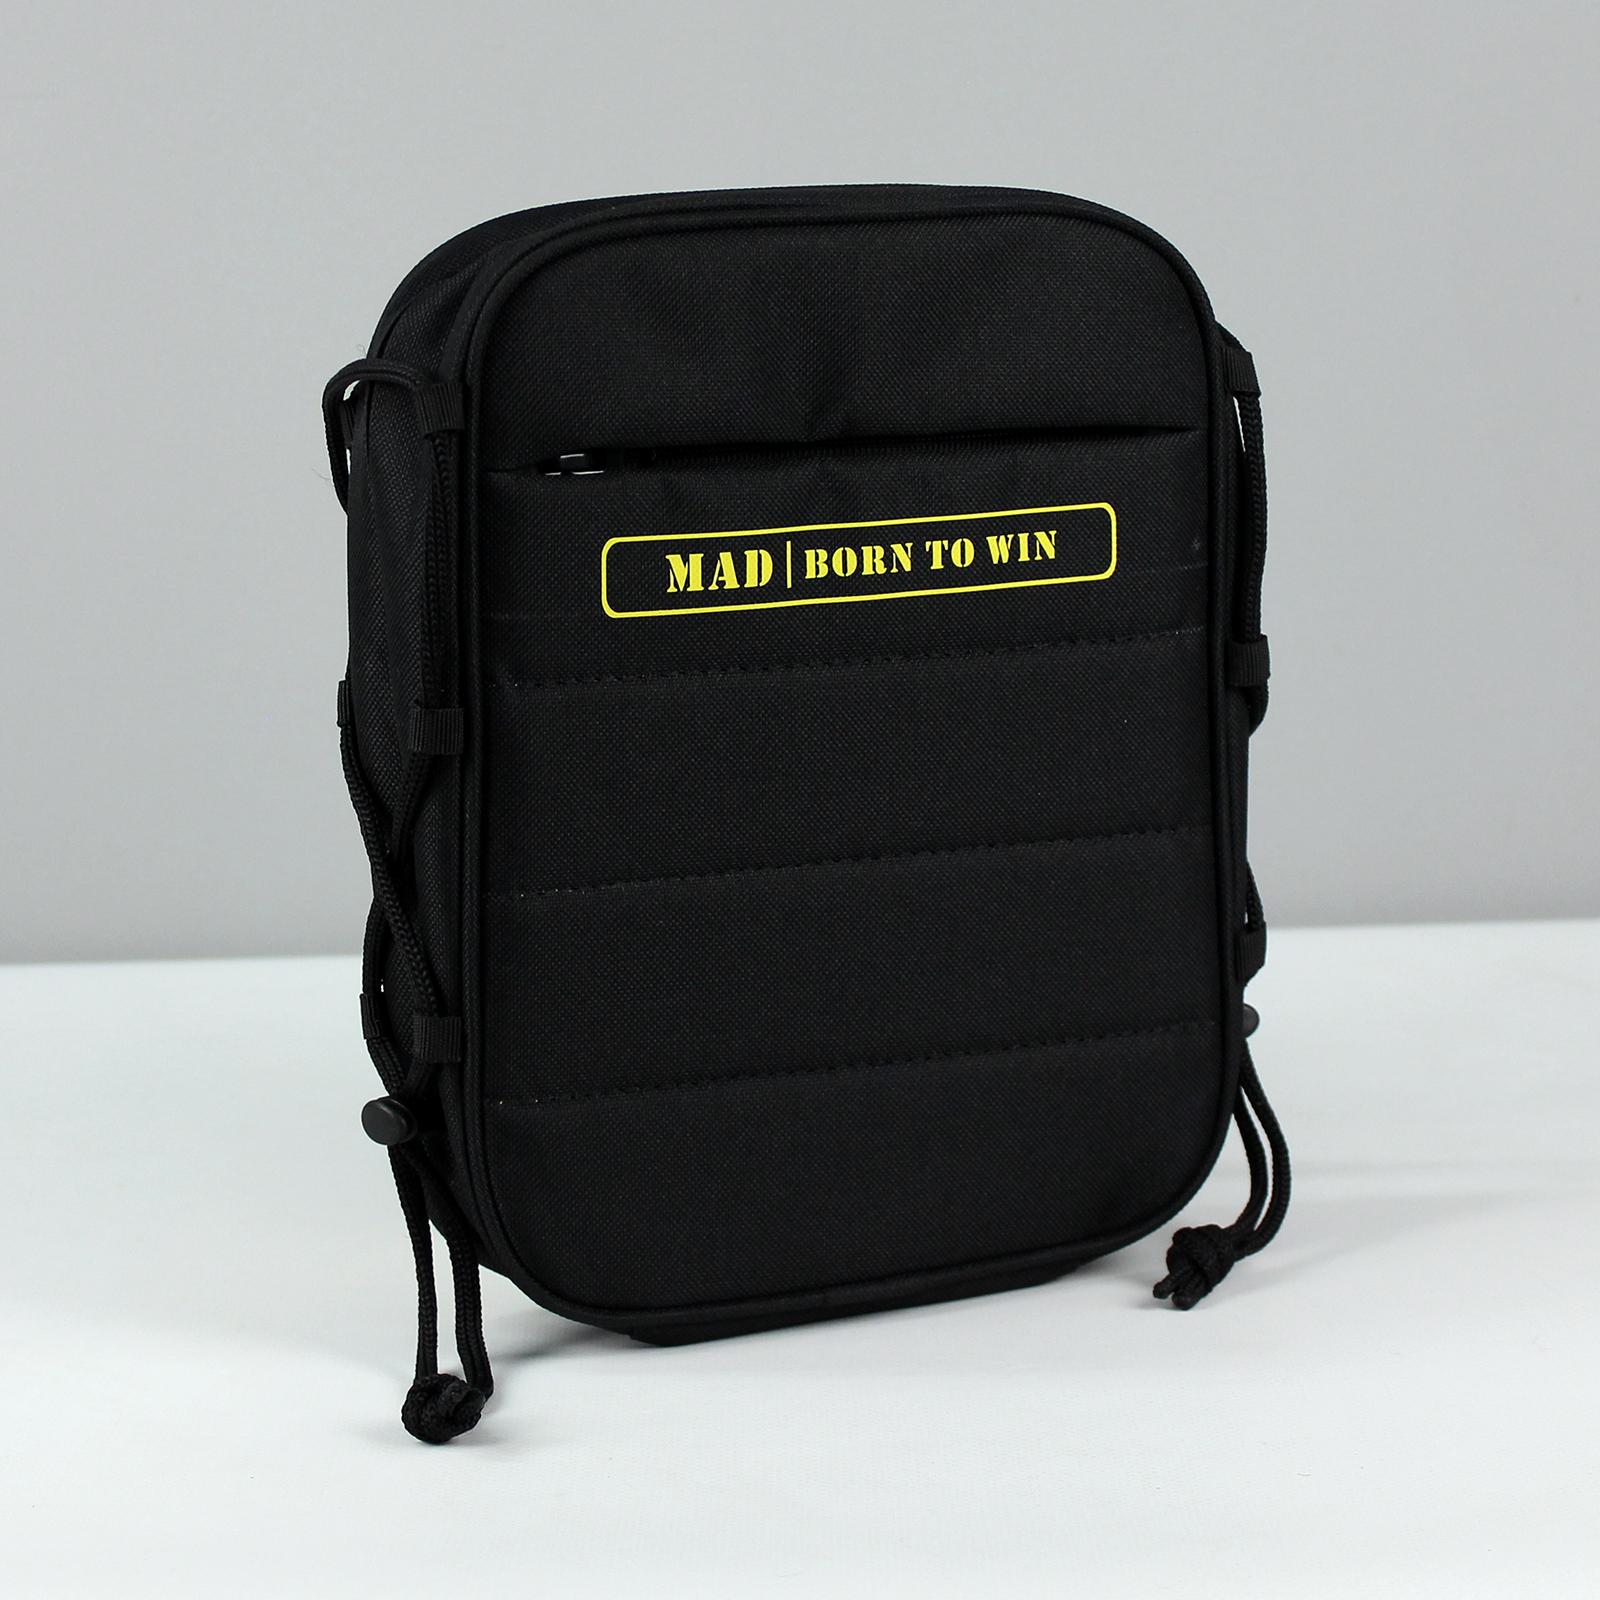 черный спортивный мессенджер,черная сумка на плечо,черная плечевая сумка,сумки на плечо черные,черные сумки на плечо